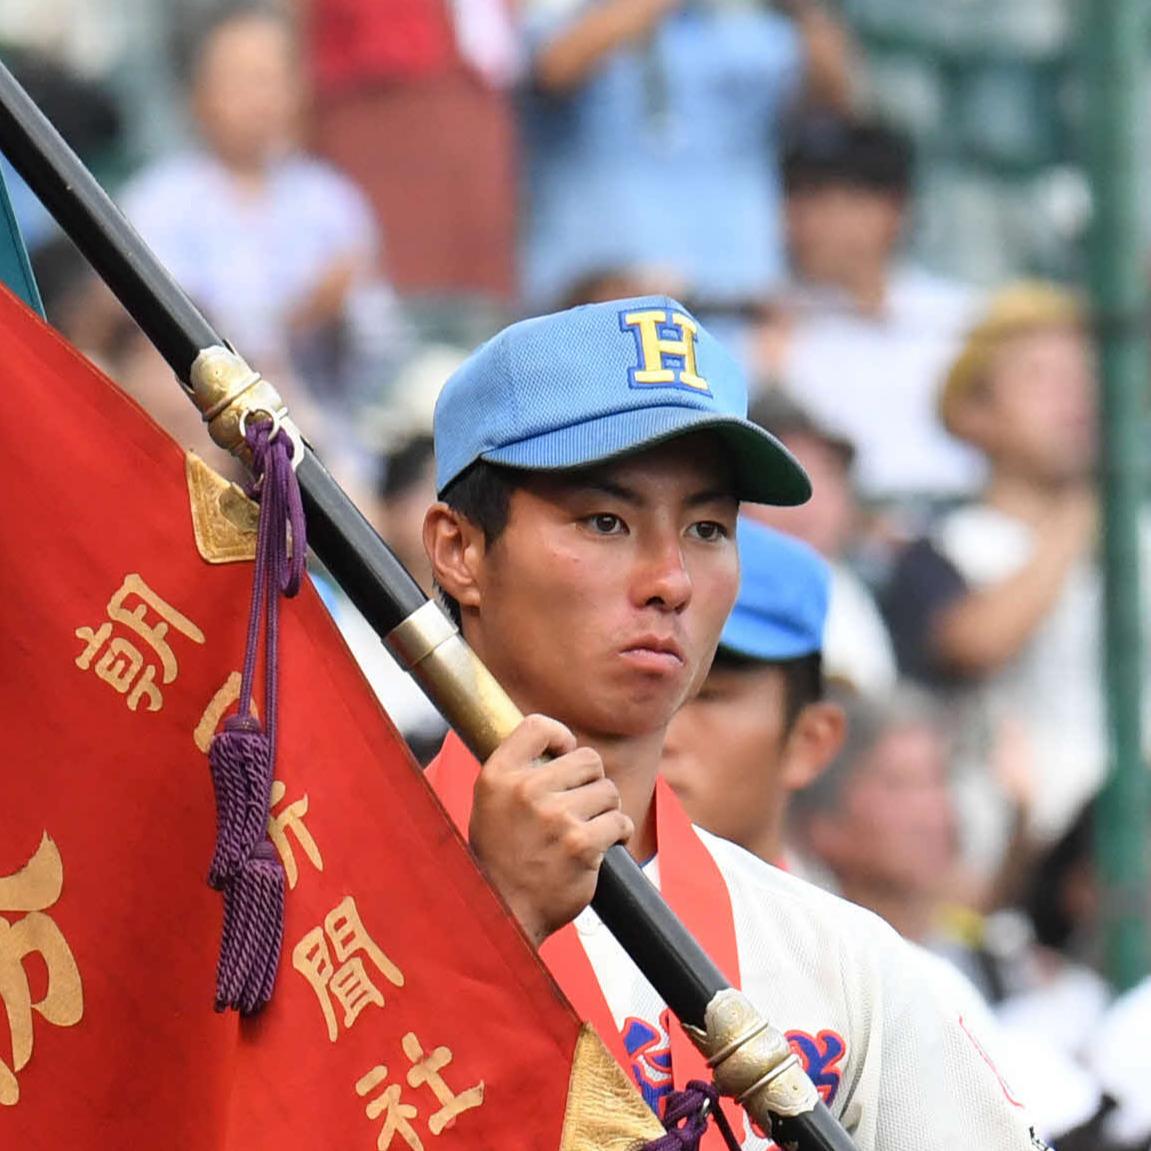 17年8月、全国高校野球選手権で優勝旗を手にする千丸剛被告